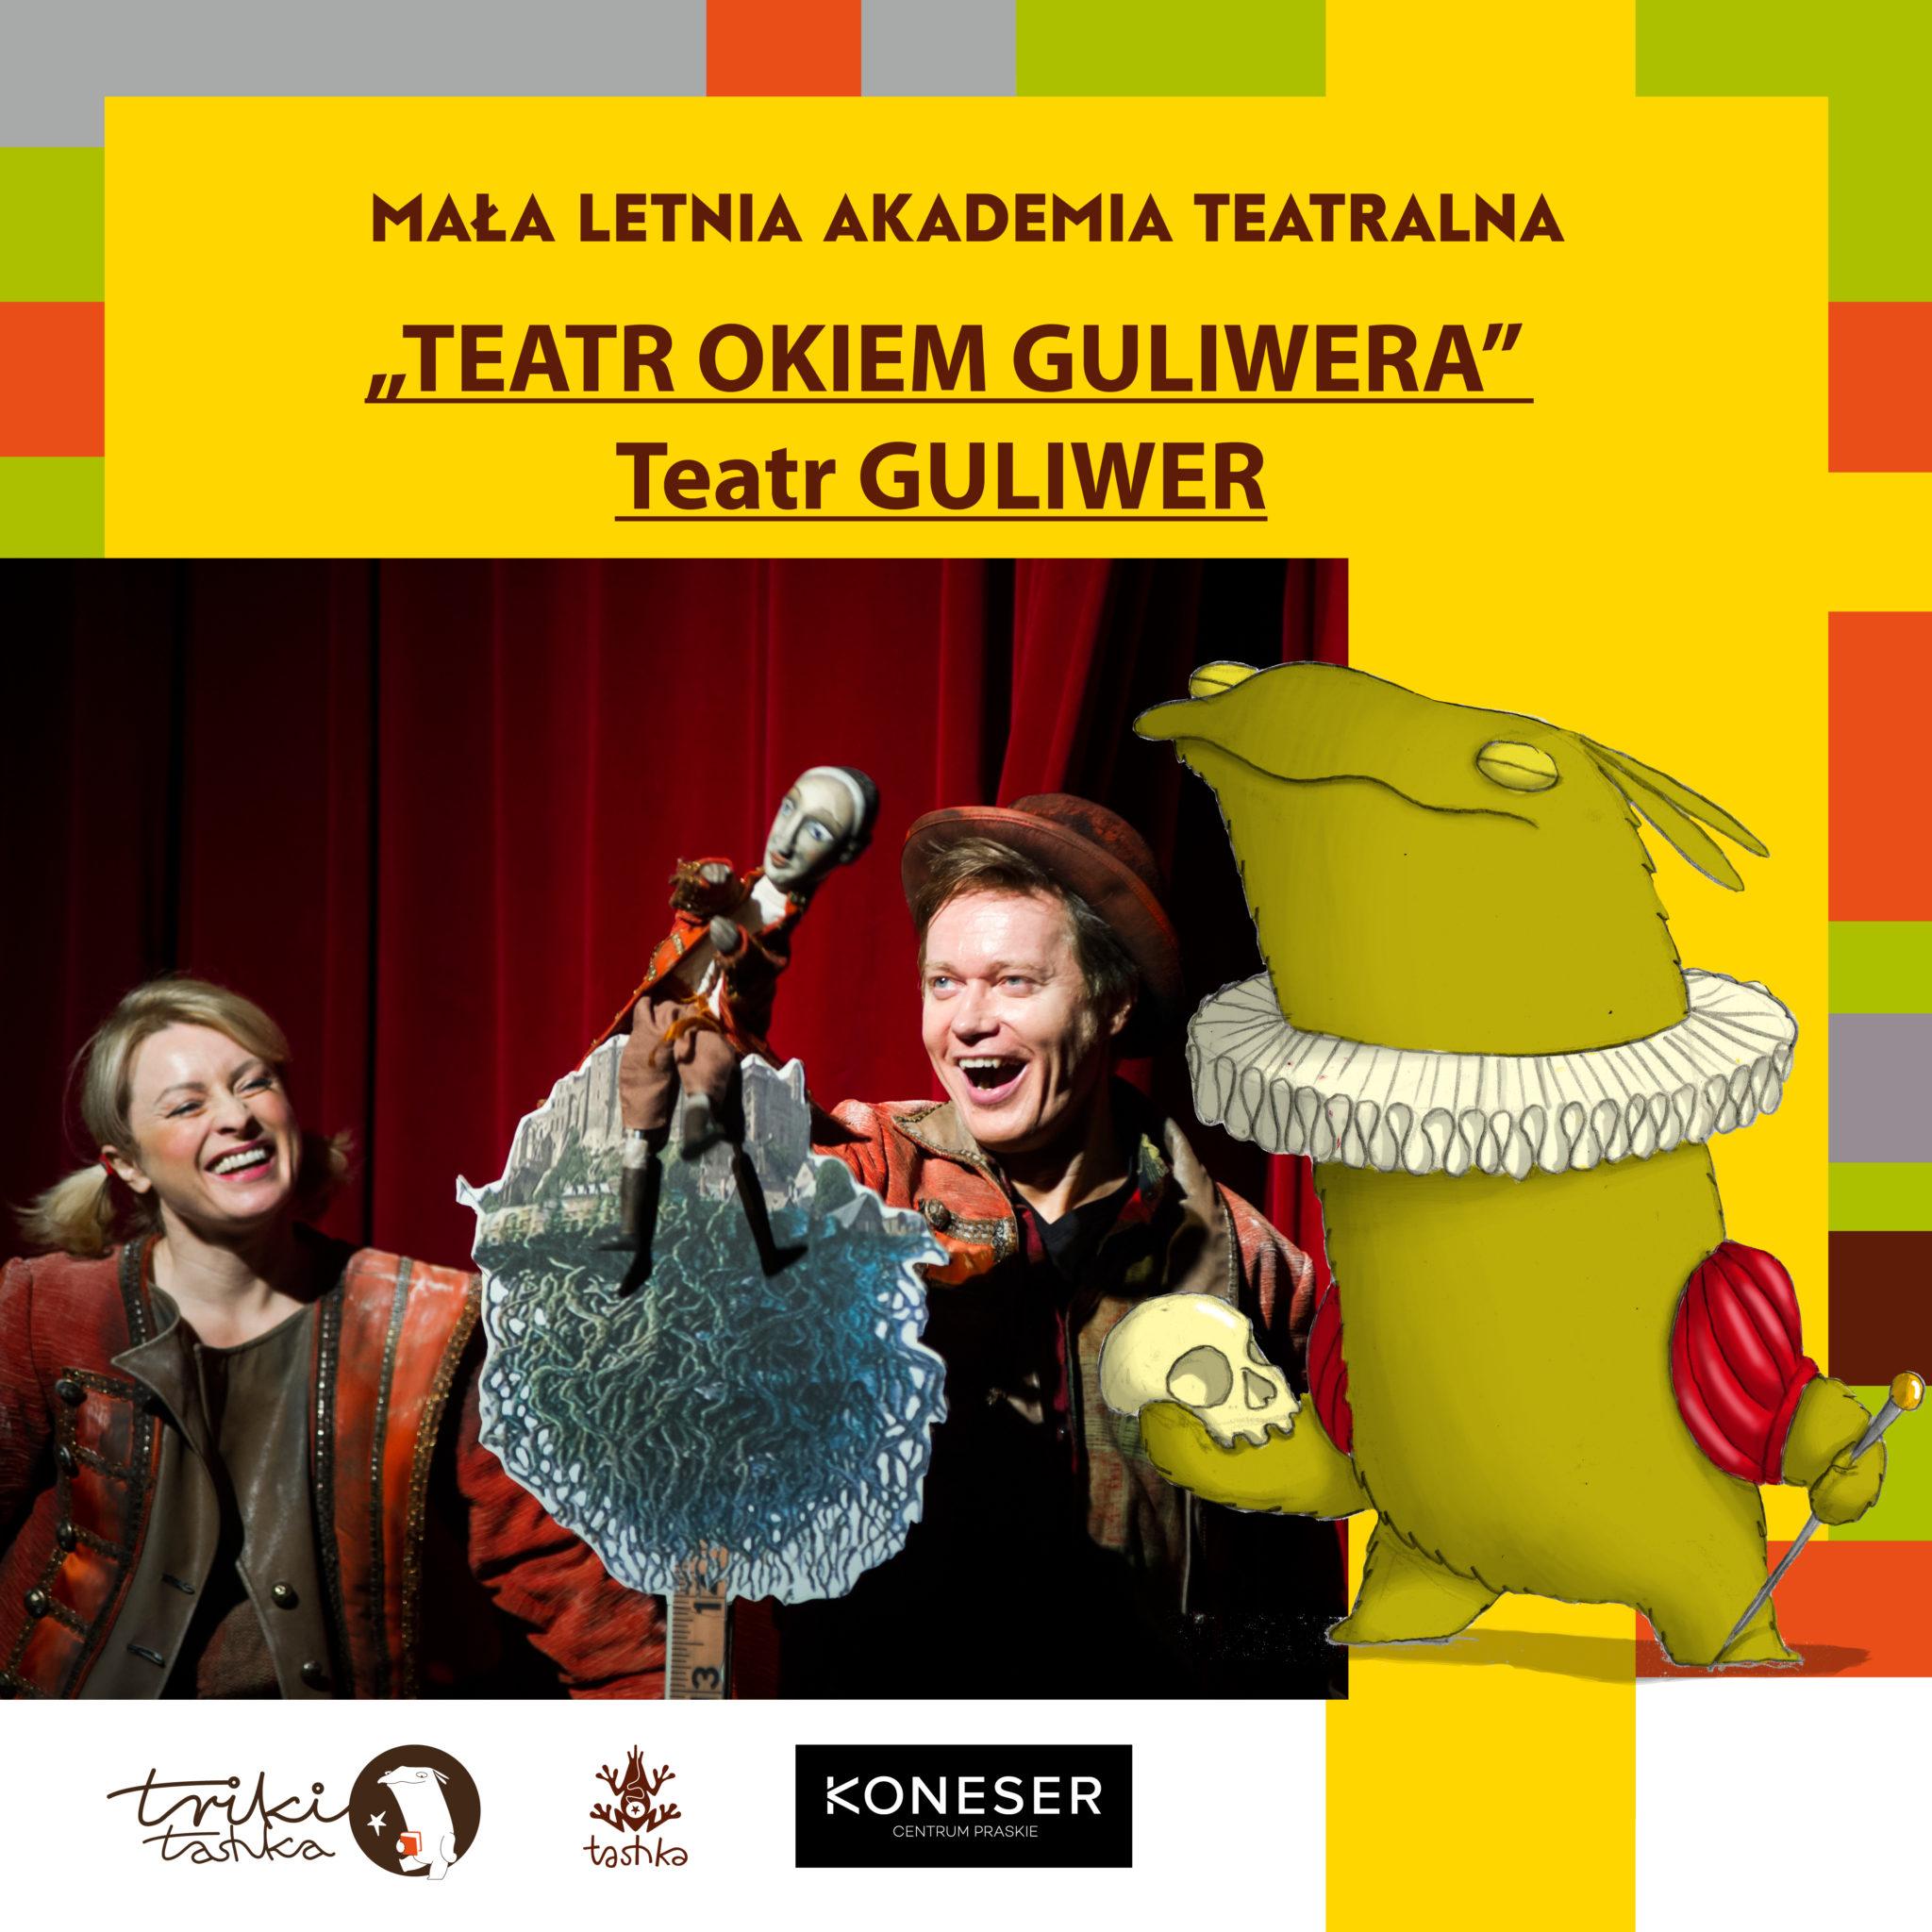 Mała Letnia Akademia Teatralna, Teatr Guliwer, Okiem Guliwera